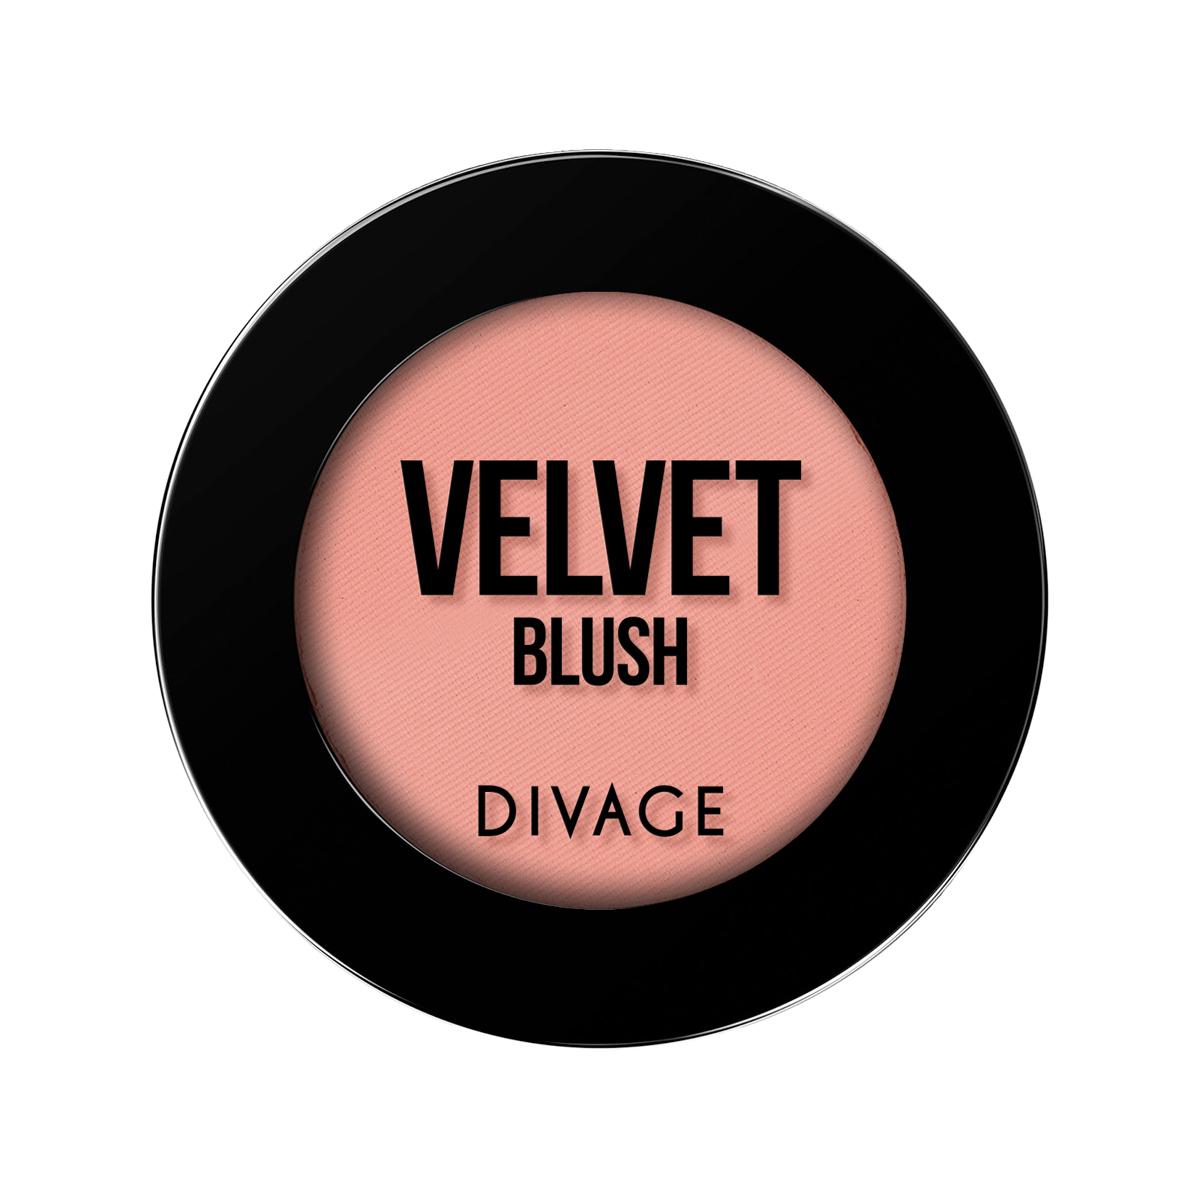 DIVAGE Румяна компактные VELVET, тон № 8701, 4 гр.215007Румяна VELVET - это естественный оттенок утренней свежести, придающий лицу сияющий и отдохнувший вид. Румяна с деликатным матовым эффектом создают максимально естественный образ. Формула с мелкодисперсной текстурой не перегружает макияж. Стойкий цветовой пигмент сохраняется в течение всего дня. Палитра из четырёх оттенков позволяет использовать этот продукт как для придания легкого румянца, так и для коррекции овала лица.Румяна VELVET - это естественный оттенок утренней свежести, придающий лицу сияющий и отдохнувший вид. Румяна с деликатным матовым эффектом создают максимально естественный образ. Формула с мелкодисперсной текстурой не перегружает макияж. Стойкий цветовой пигмент сохраняется в течение всего дня. Палитра из четырёх оттенков позволяет использовать этот продукт как для придания легкого румянца, так и для коррекции овала лица.